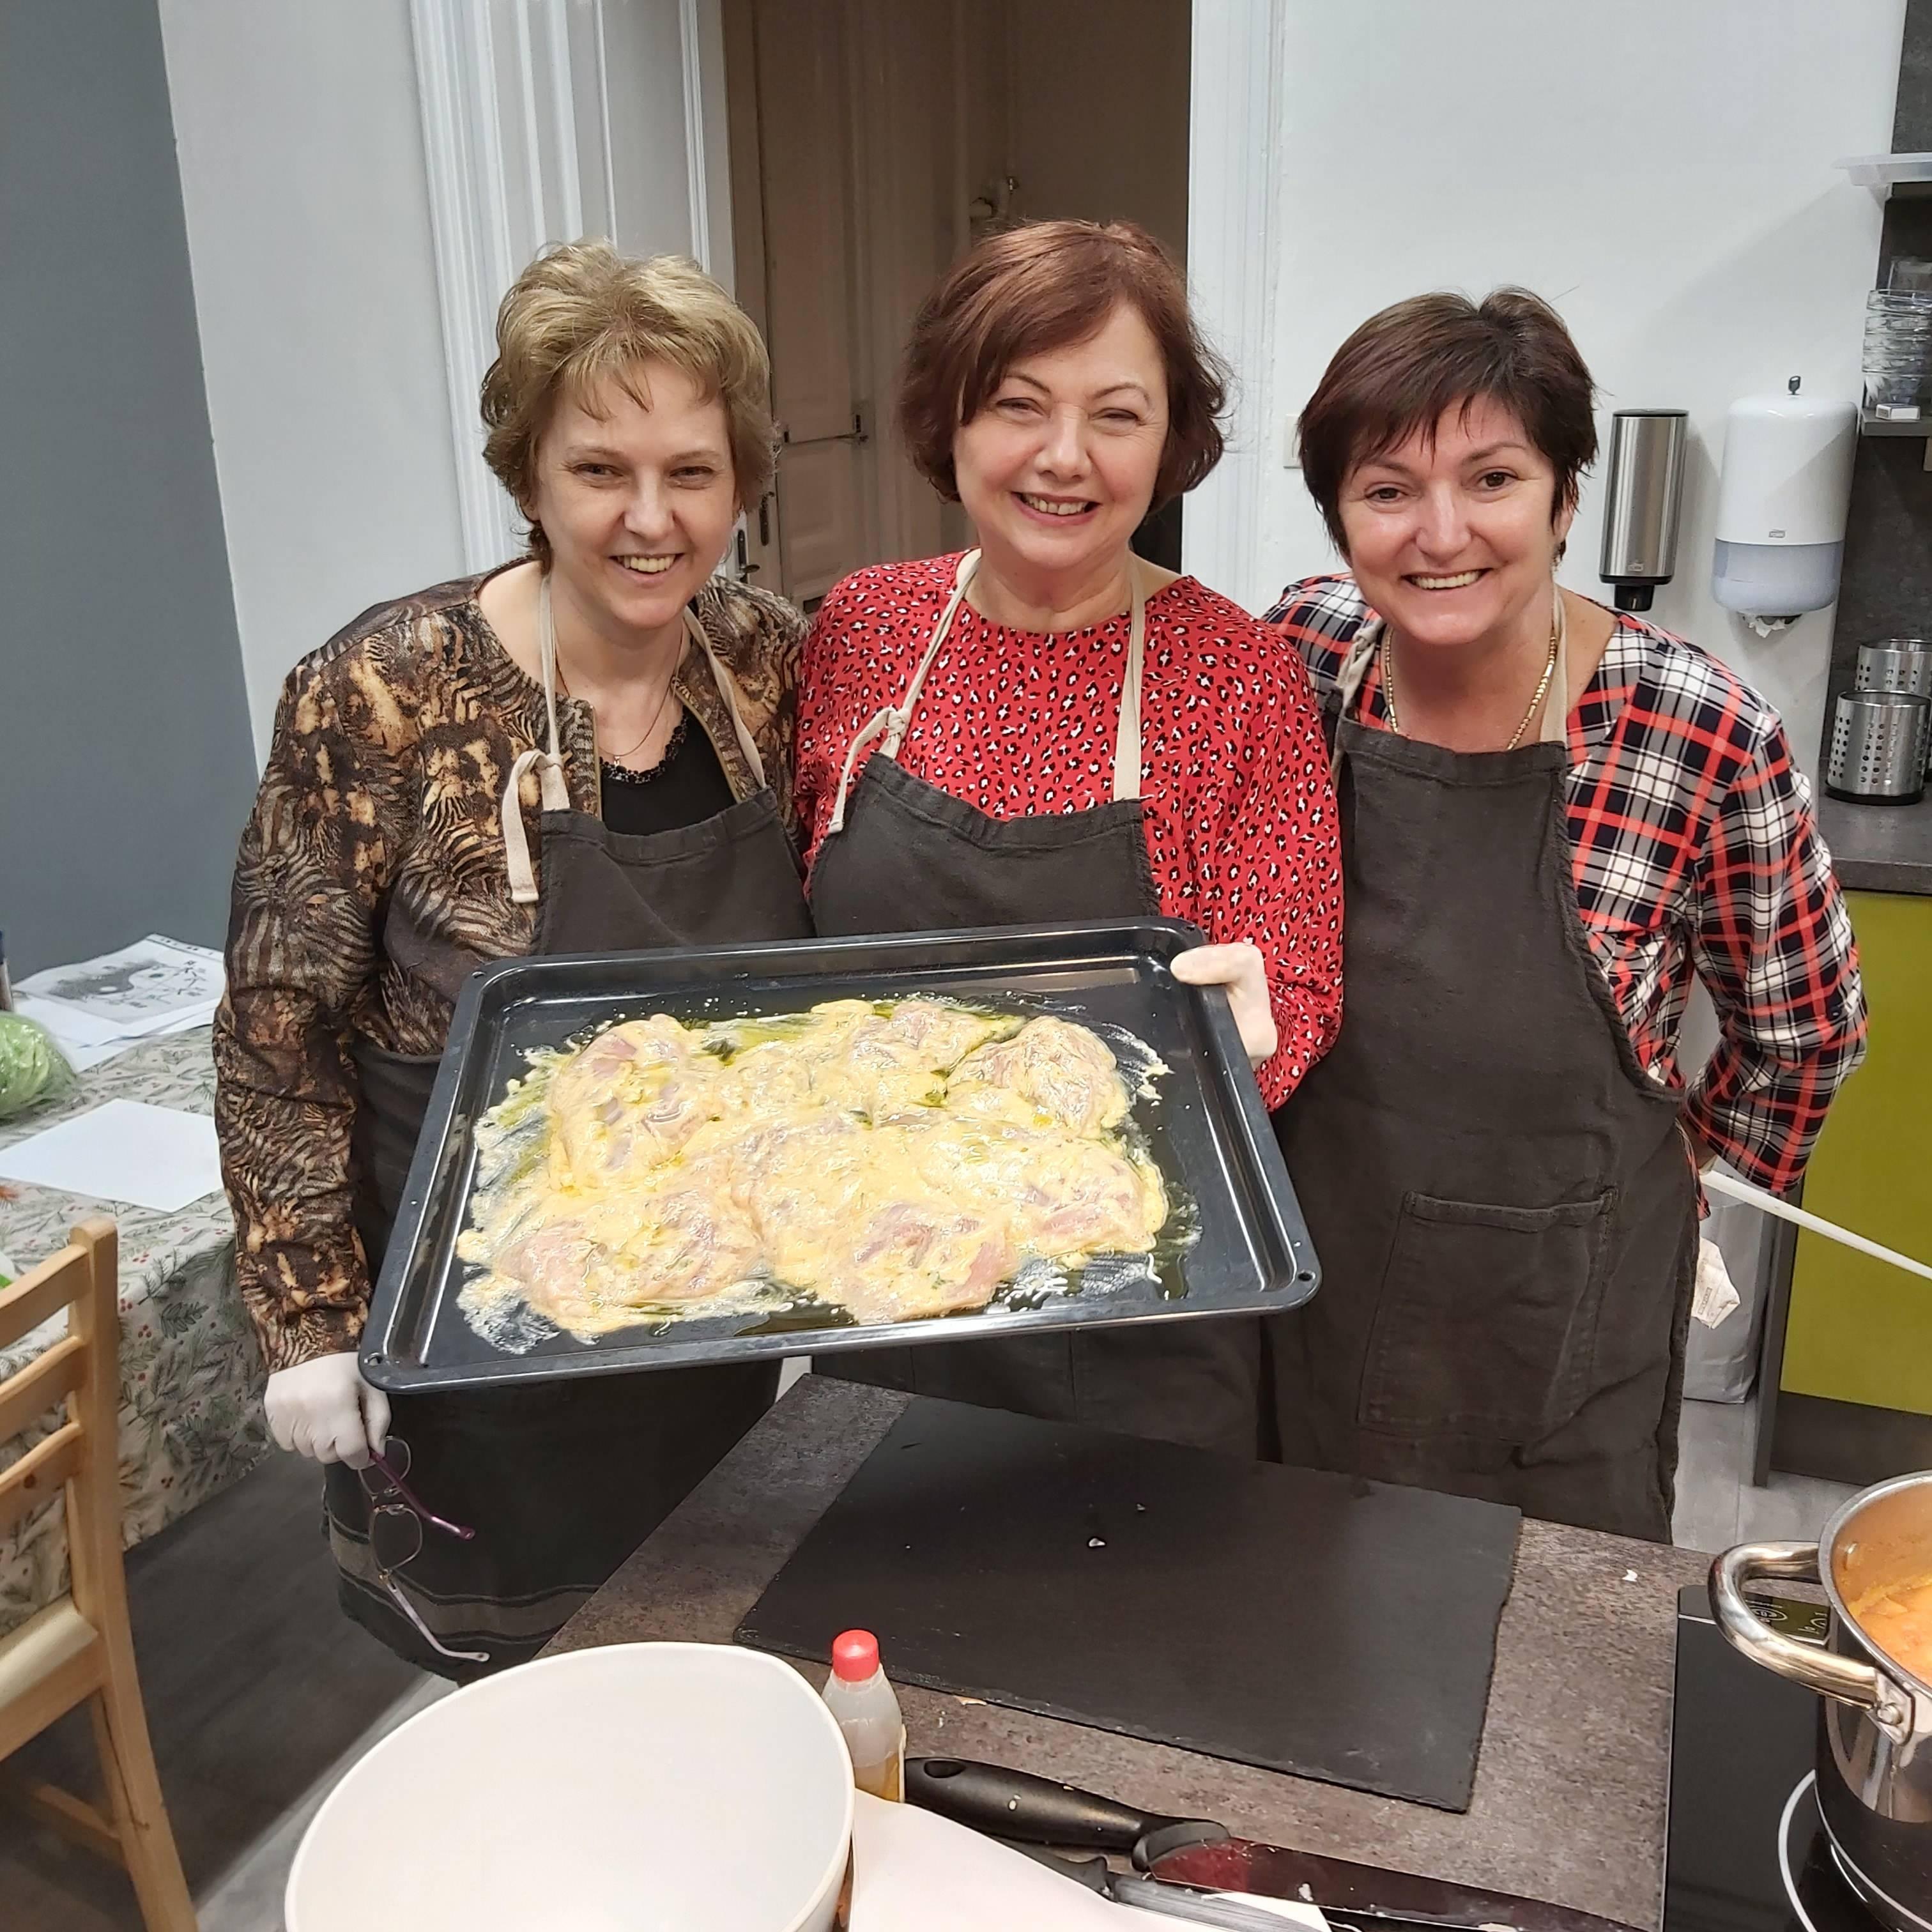 Az 5 elemes főzés elméletével és gyakorlatával ismerkedett a Női Vállalkozói Klub